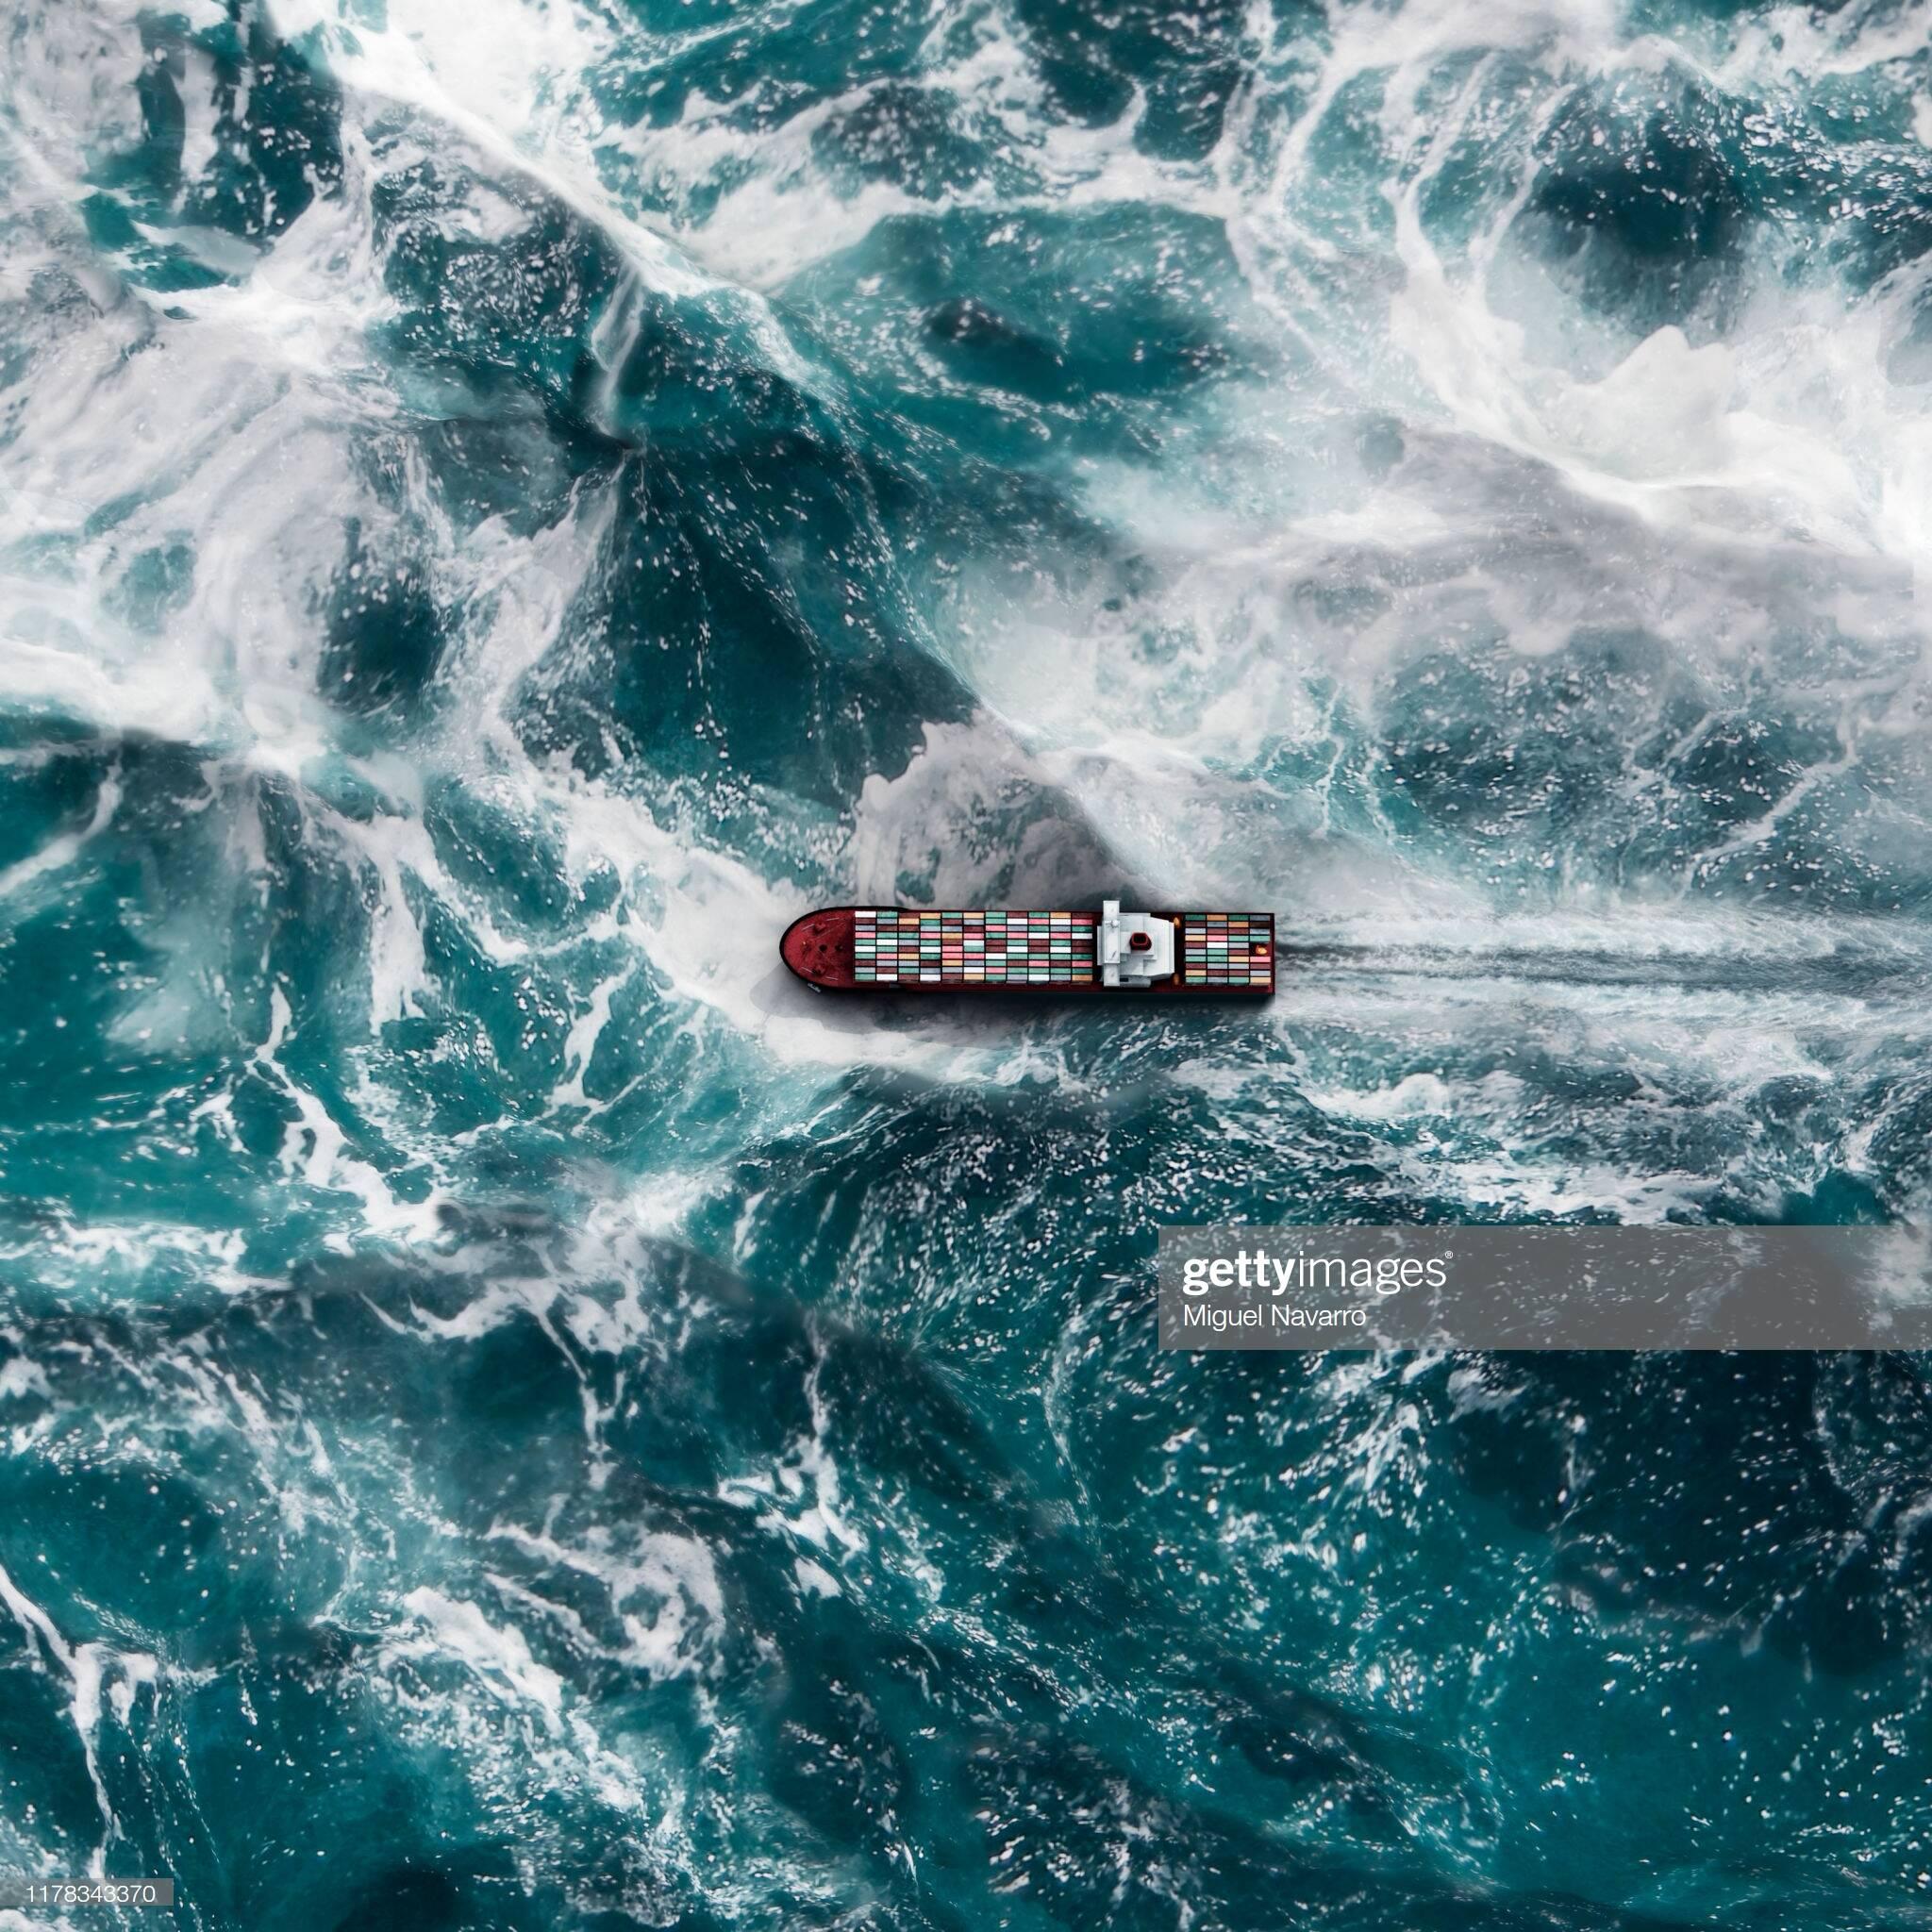 我国科学家研究发现青藏高原碰撞诱发太平洋板块俯冲